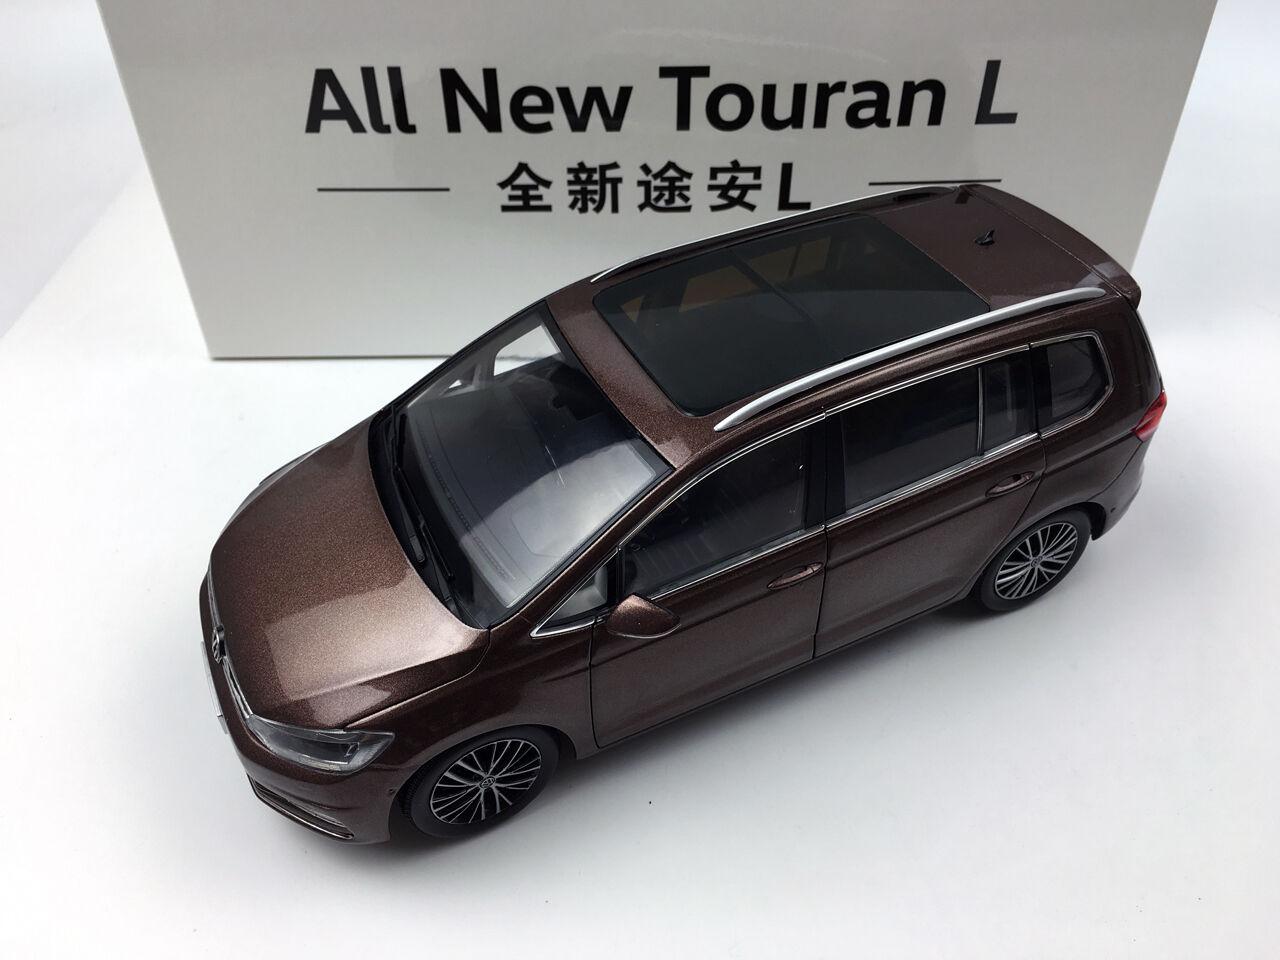 1:18 Shanghai Volkswagen All New Touran L Brown Die-Cast Metal Model